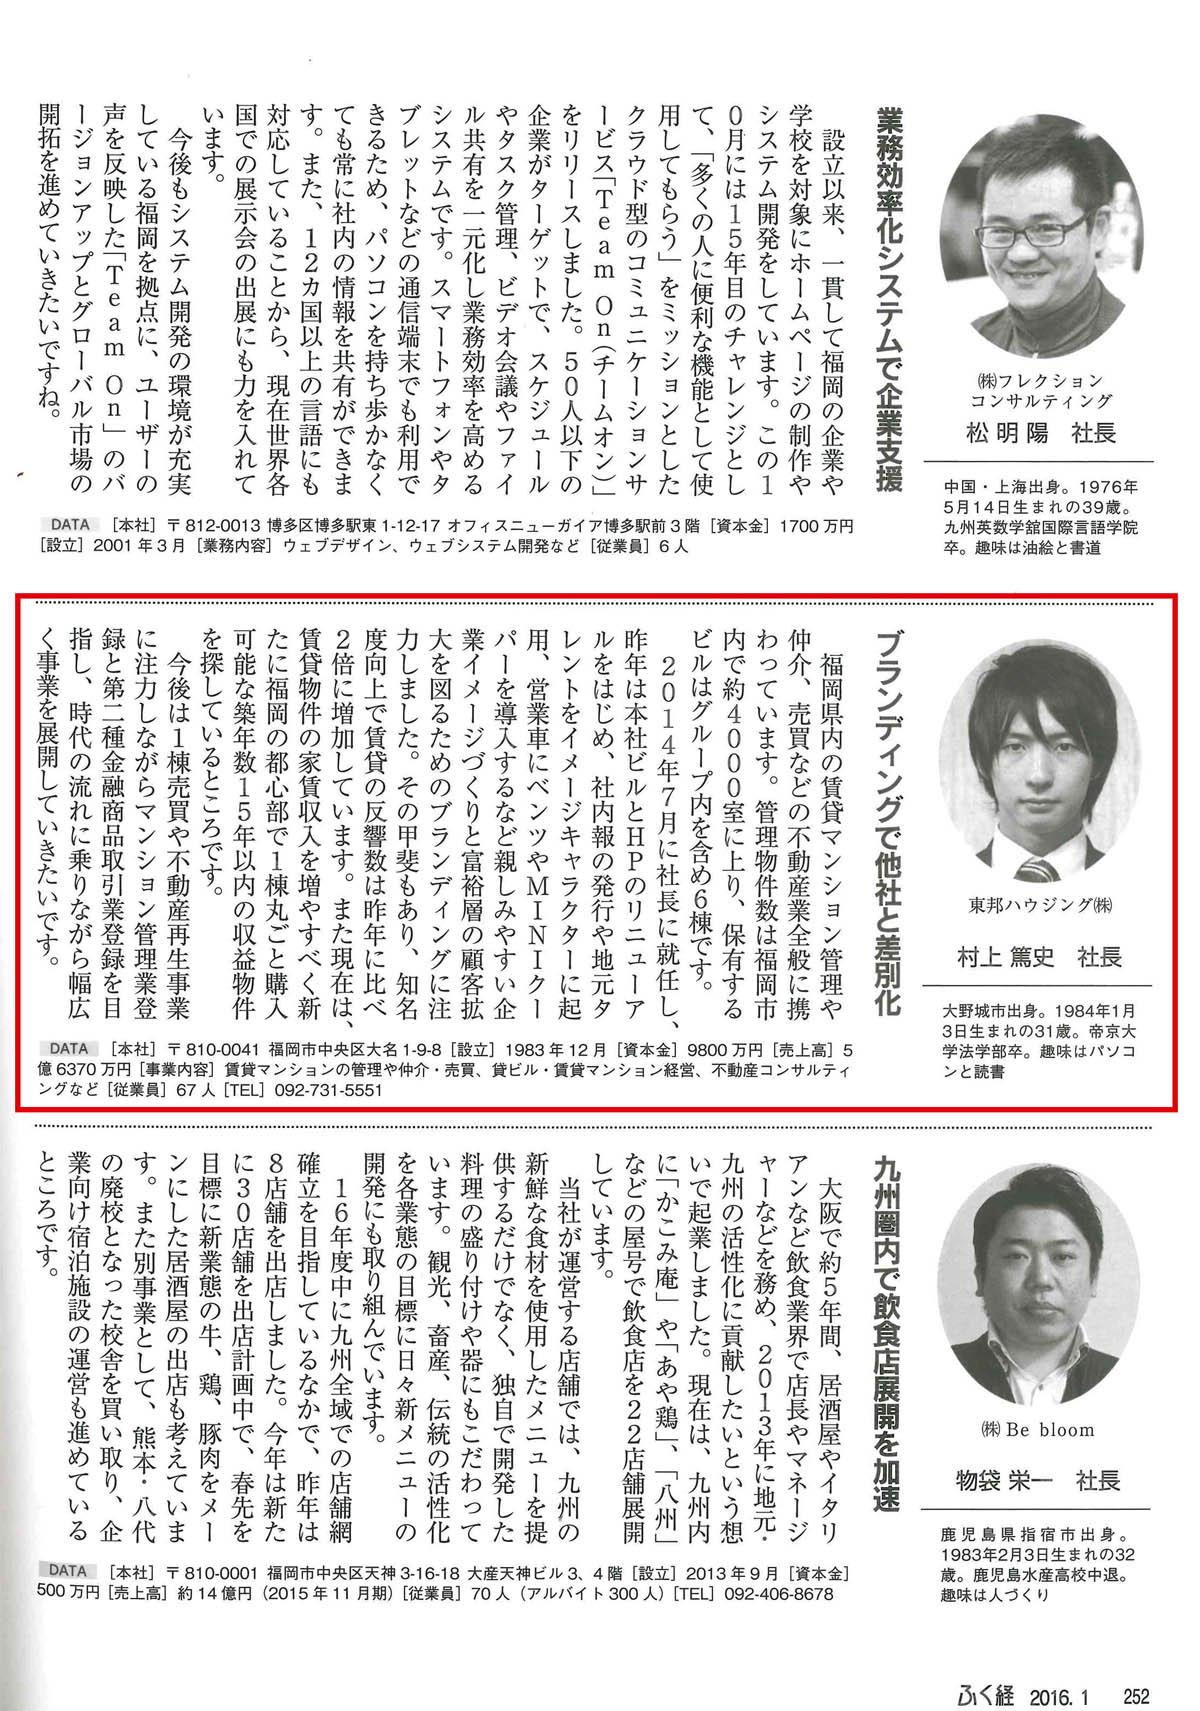 ふくおか経済2016年1月号